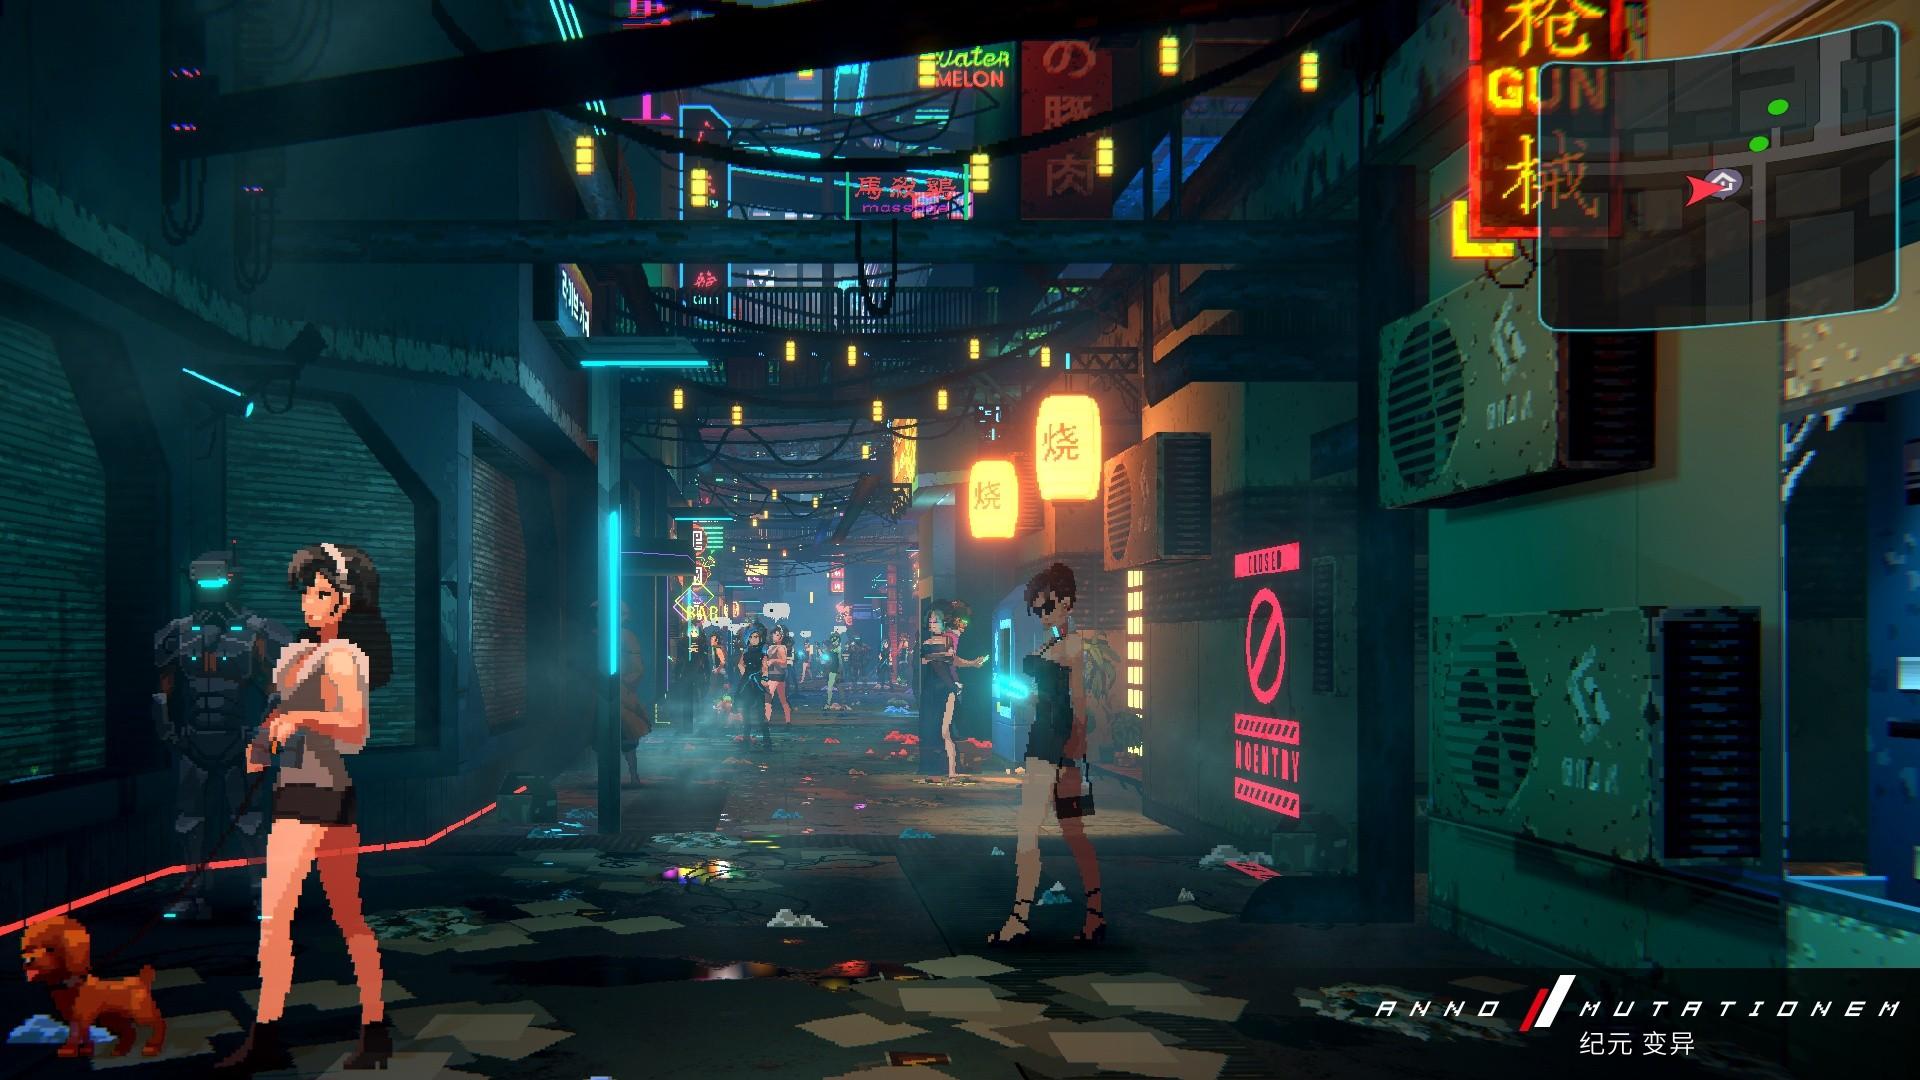 ANNO: Mutationem - китайский ролевой экшен